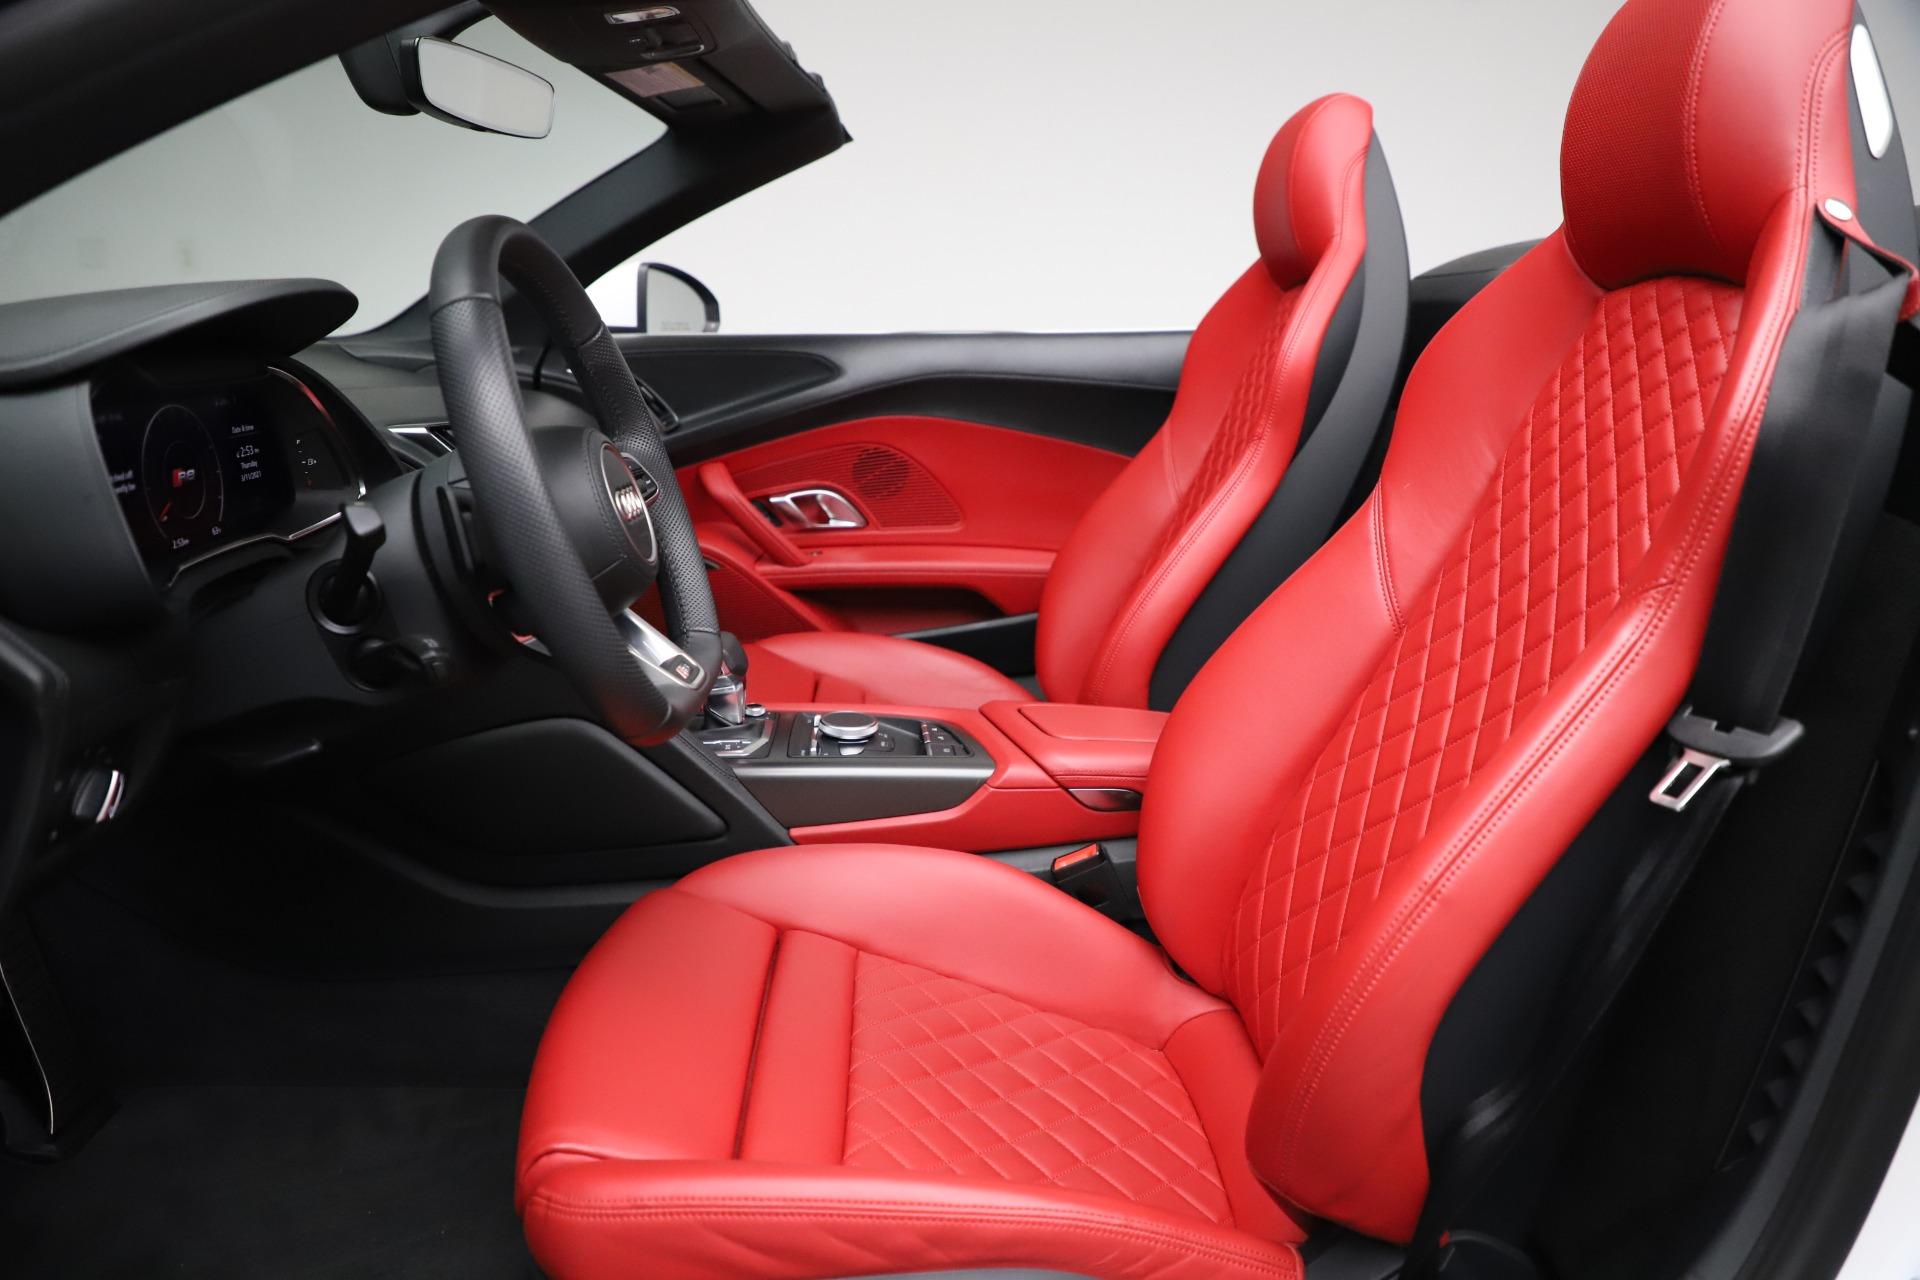 Used 2018 Audi R8 Spyder